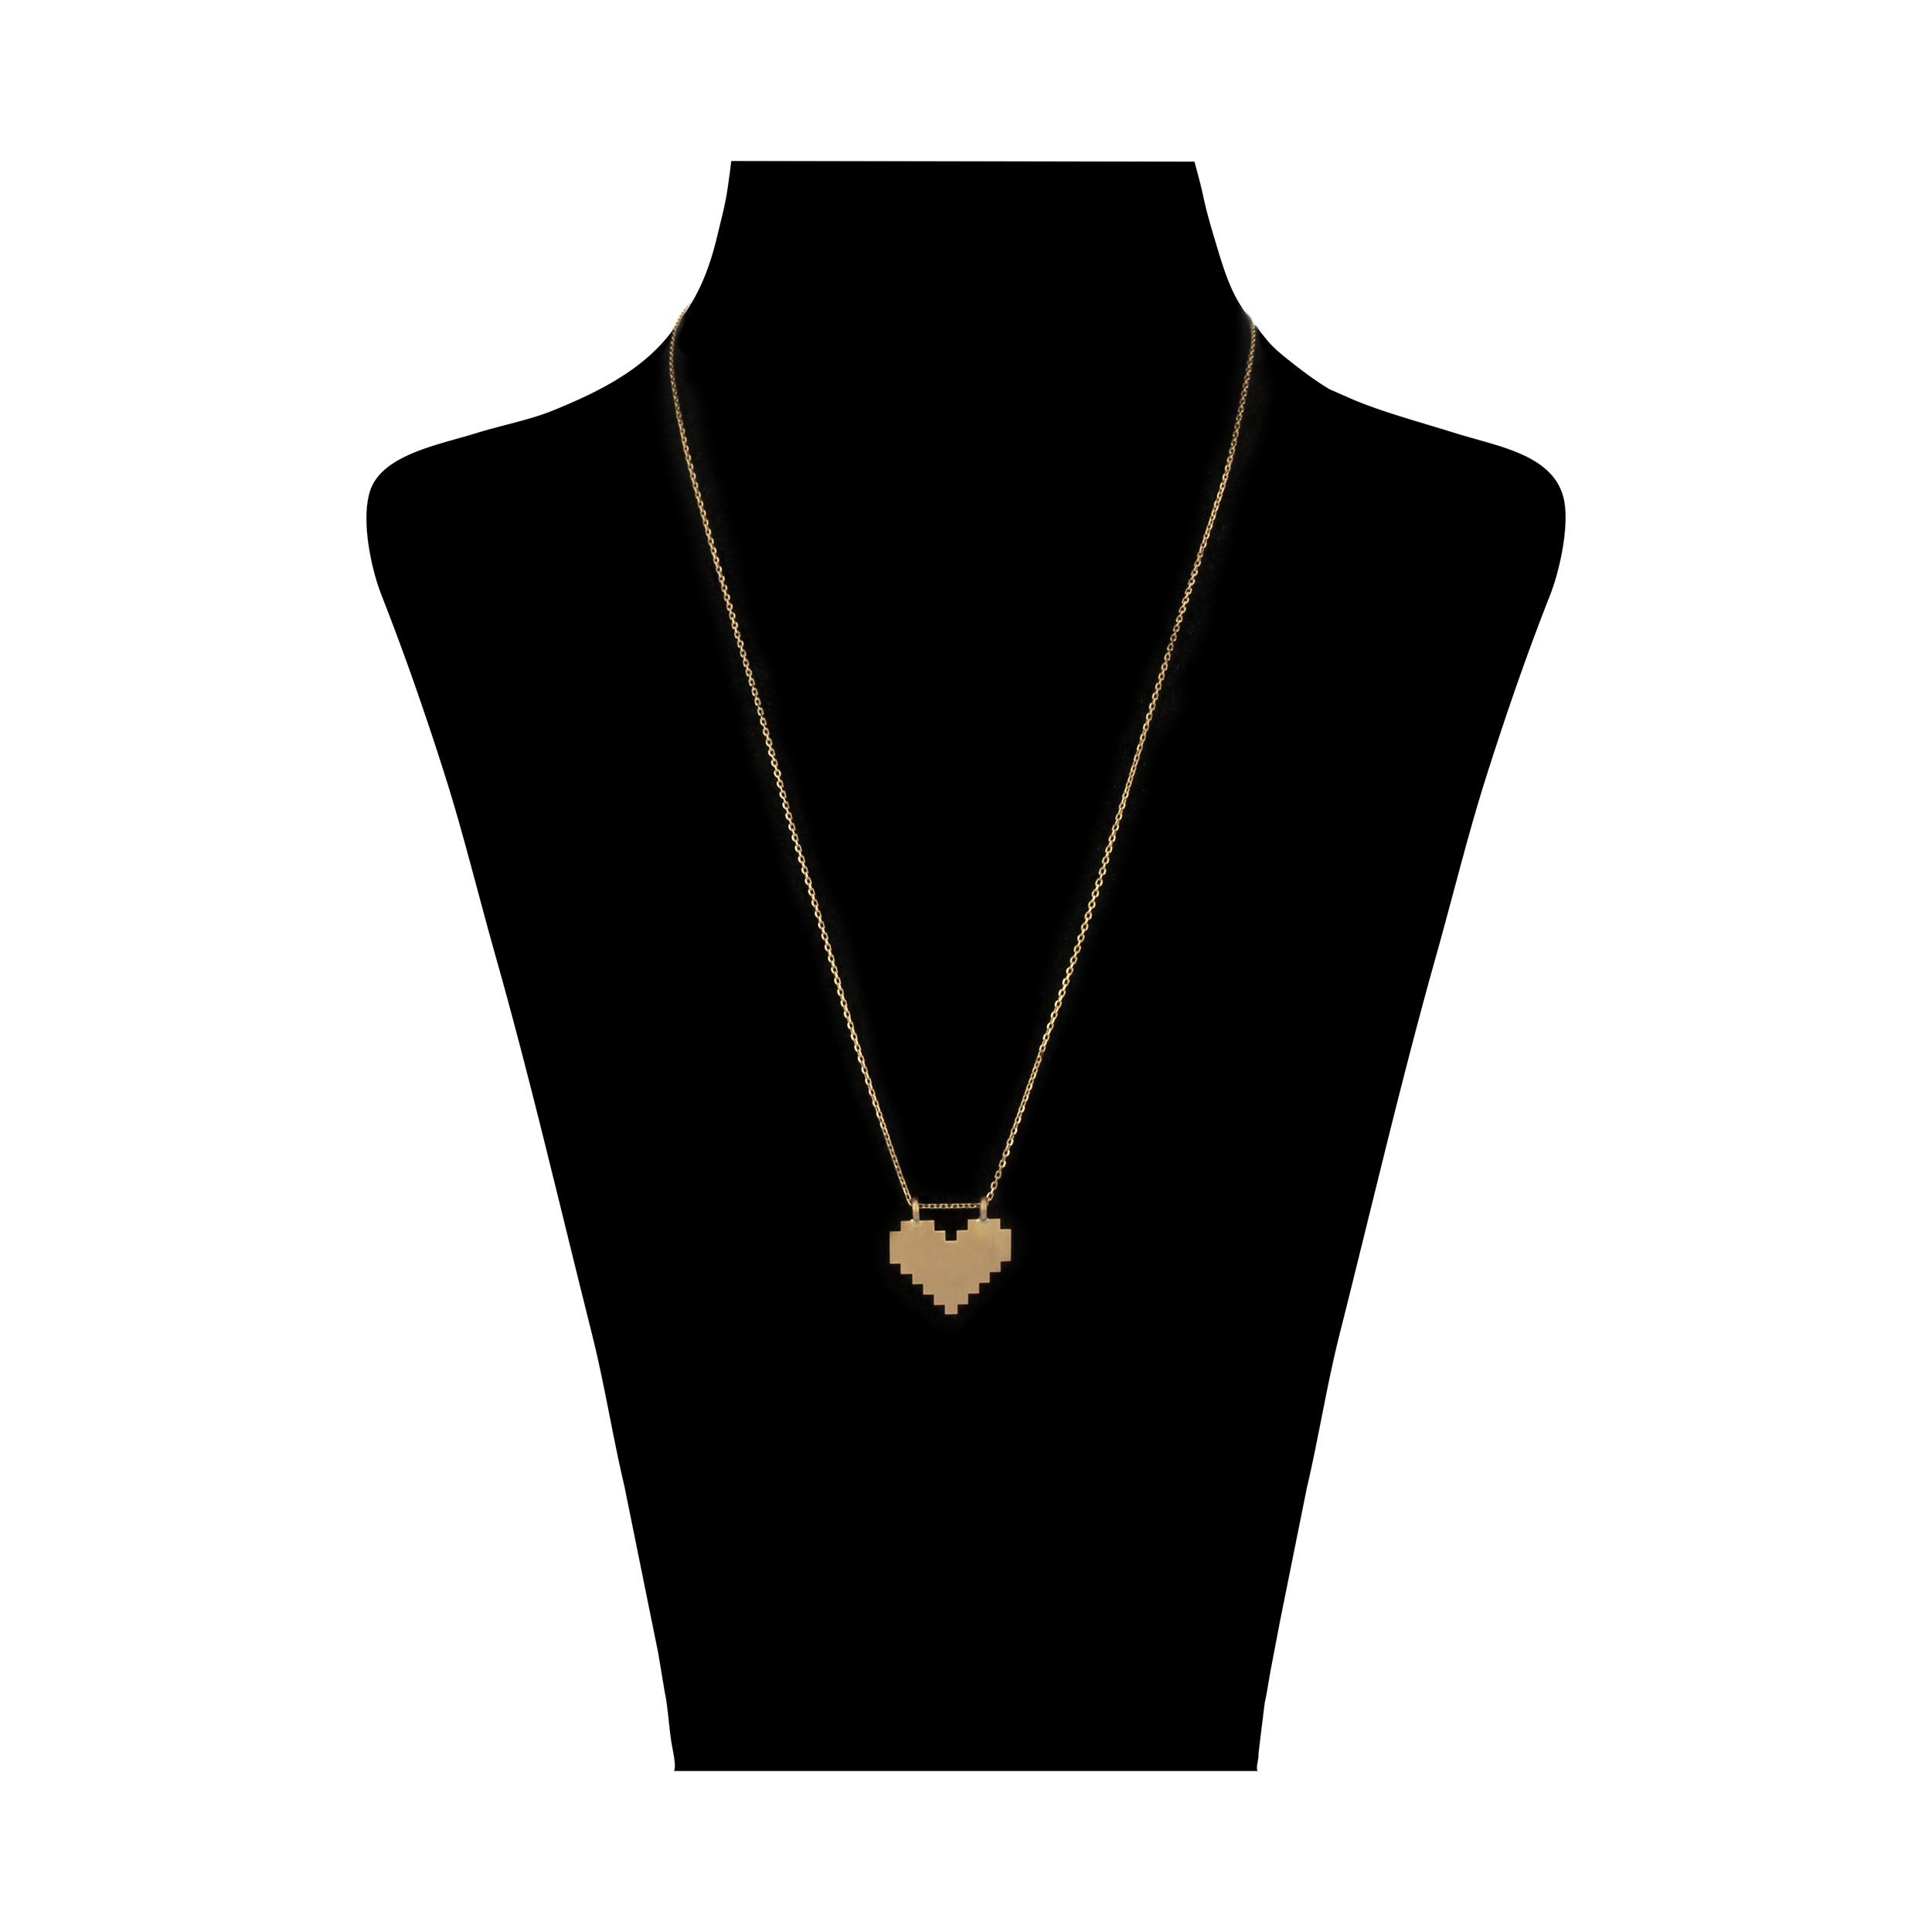 گردنبند طلا 18 عیار زنانه سنجاق مدل X083679 -  - 1